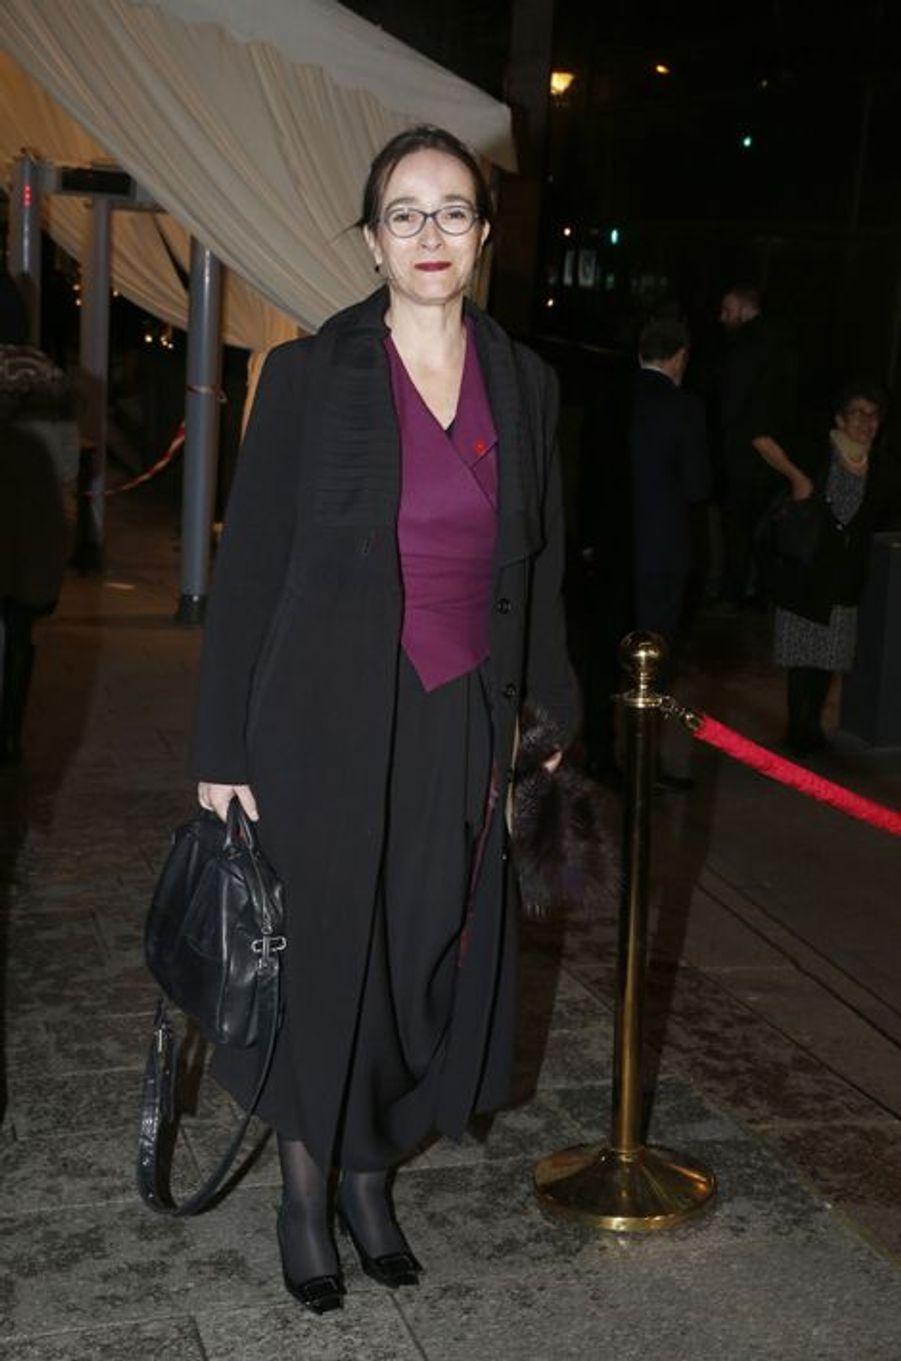 Delphine Ernotte au dîner annuel du Crif à Paris le 7 mars 2016